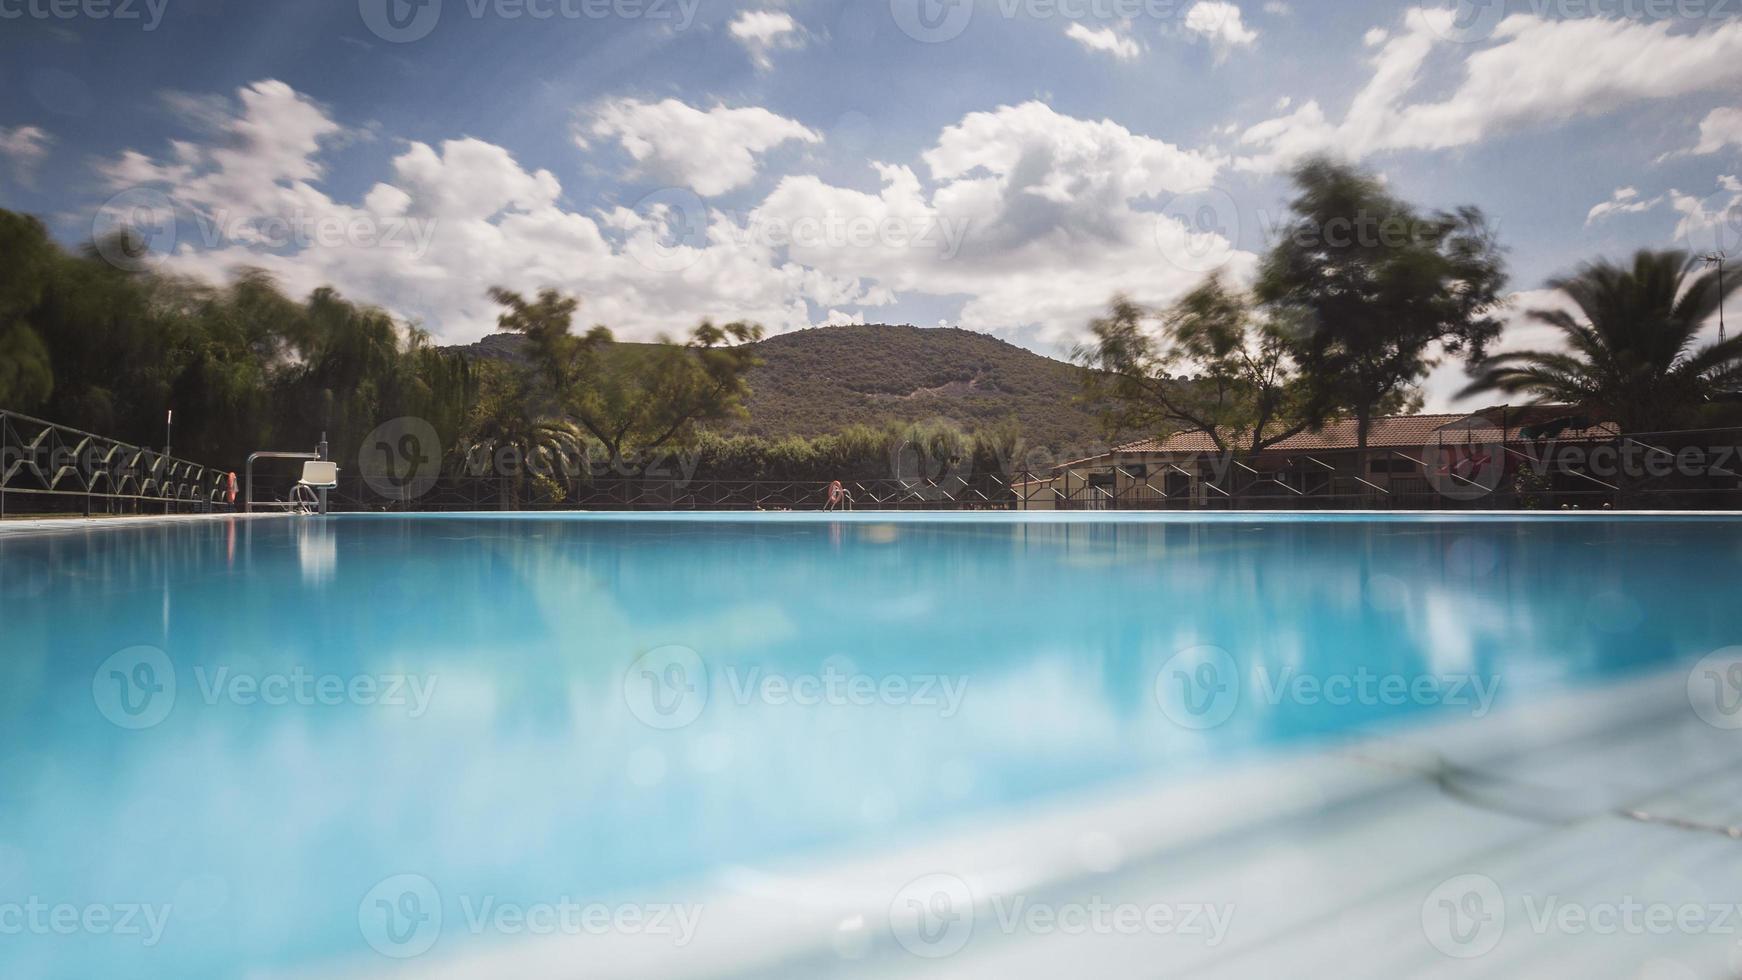 piscina en verano foto